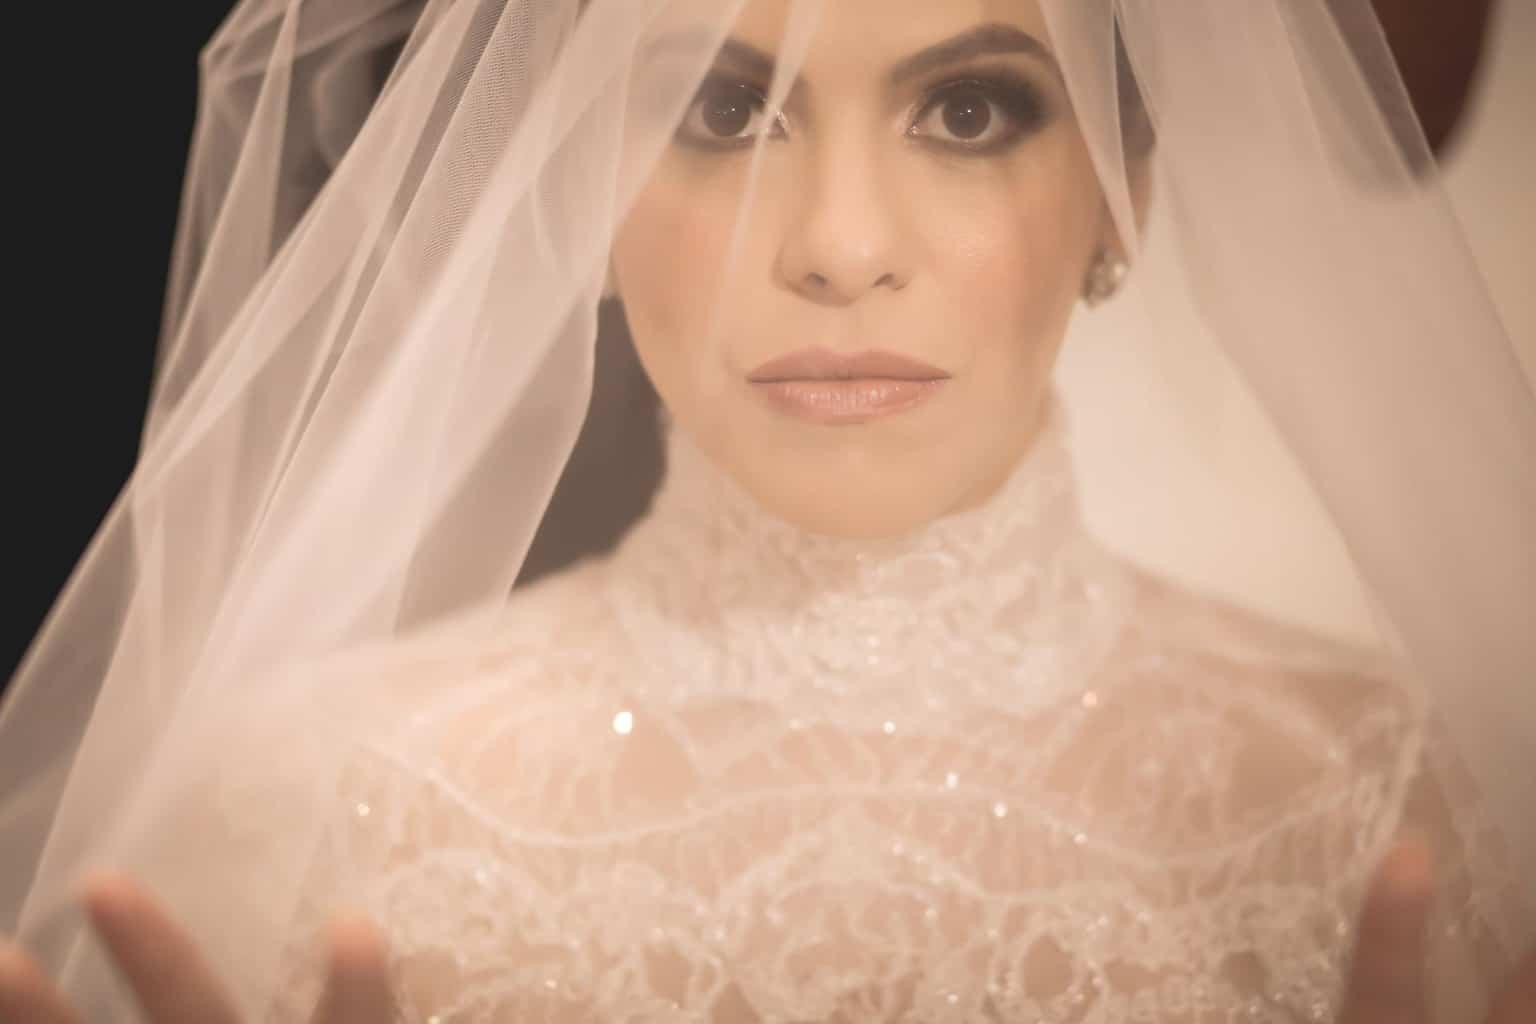 beleza-da-noiva-casamento-Juliana-e-Eduardo-Fotografia-Ricardo-Nascimento-e-Thereza-magno-making-of-Usina-dois-irmãos9